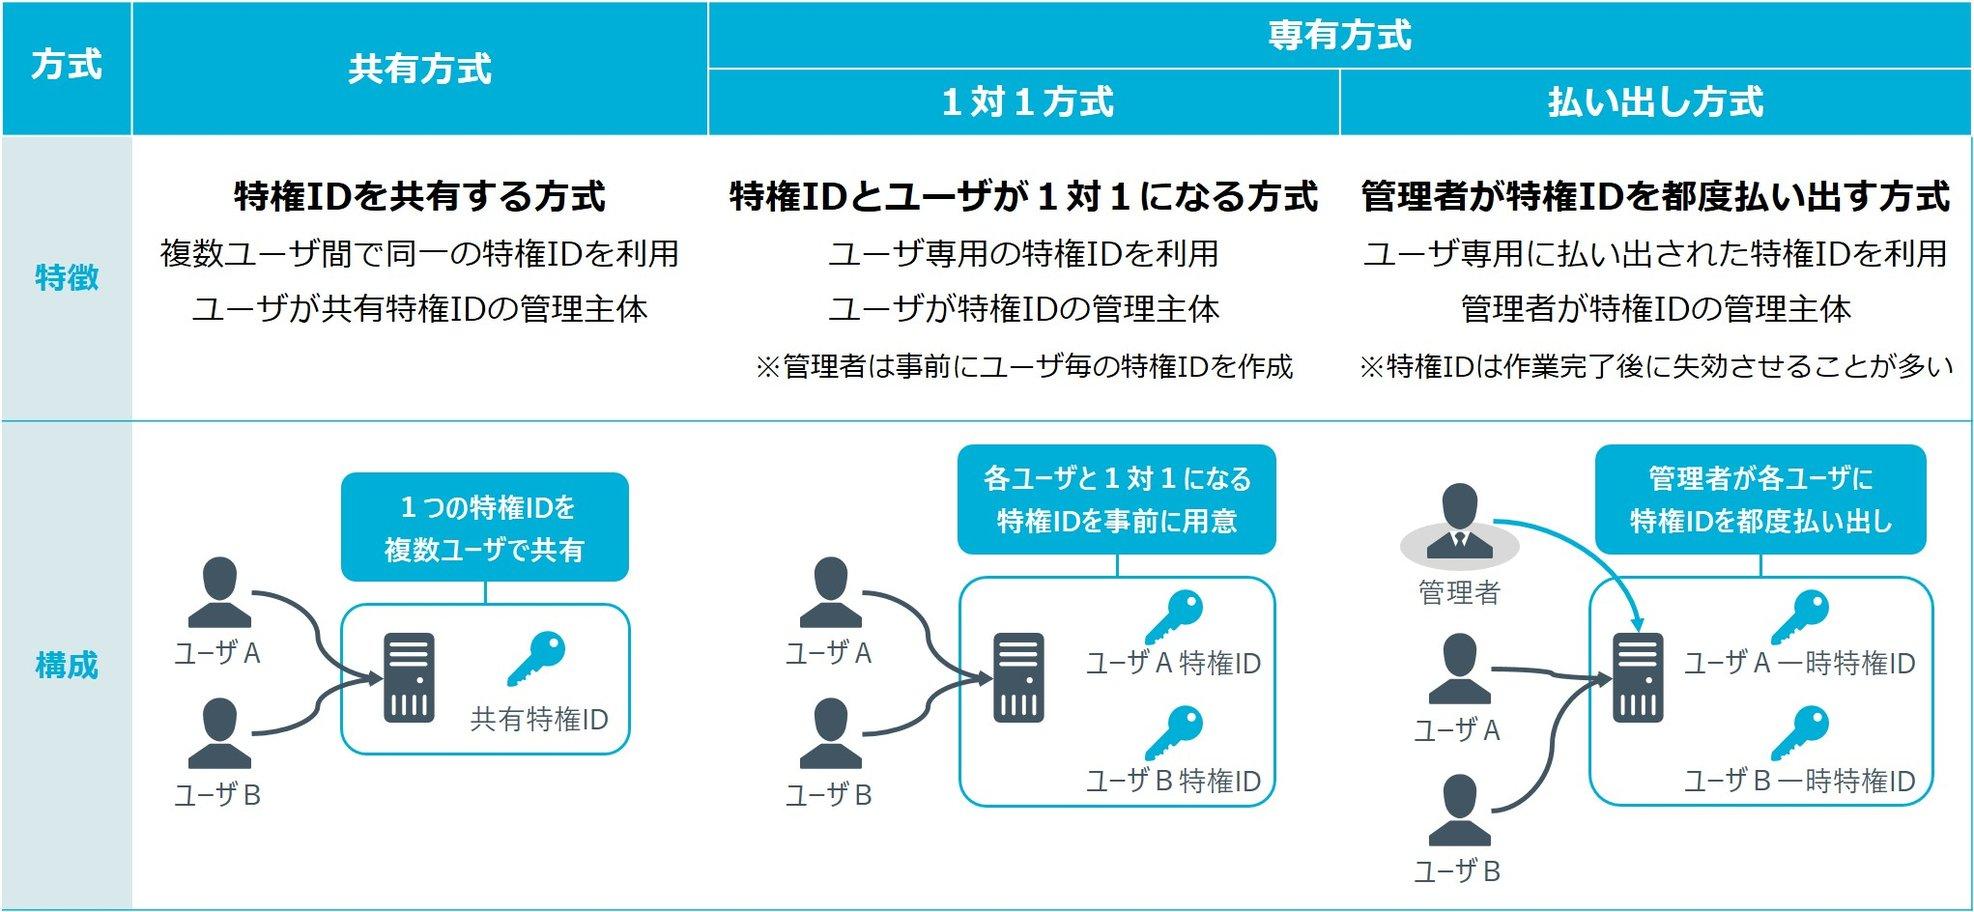 図1_ID管理方式の差異